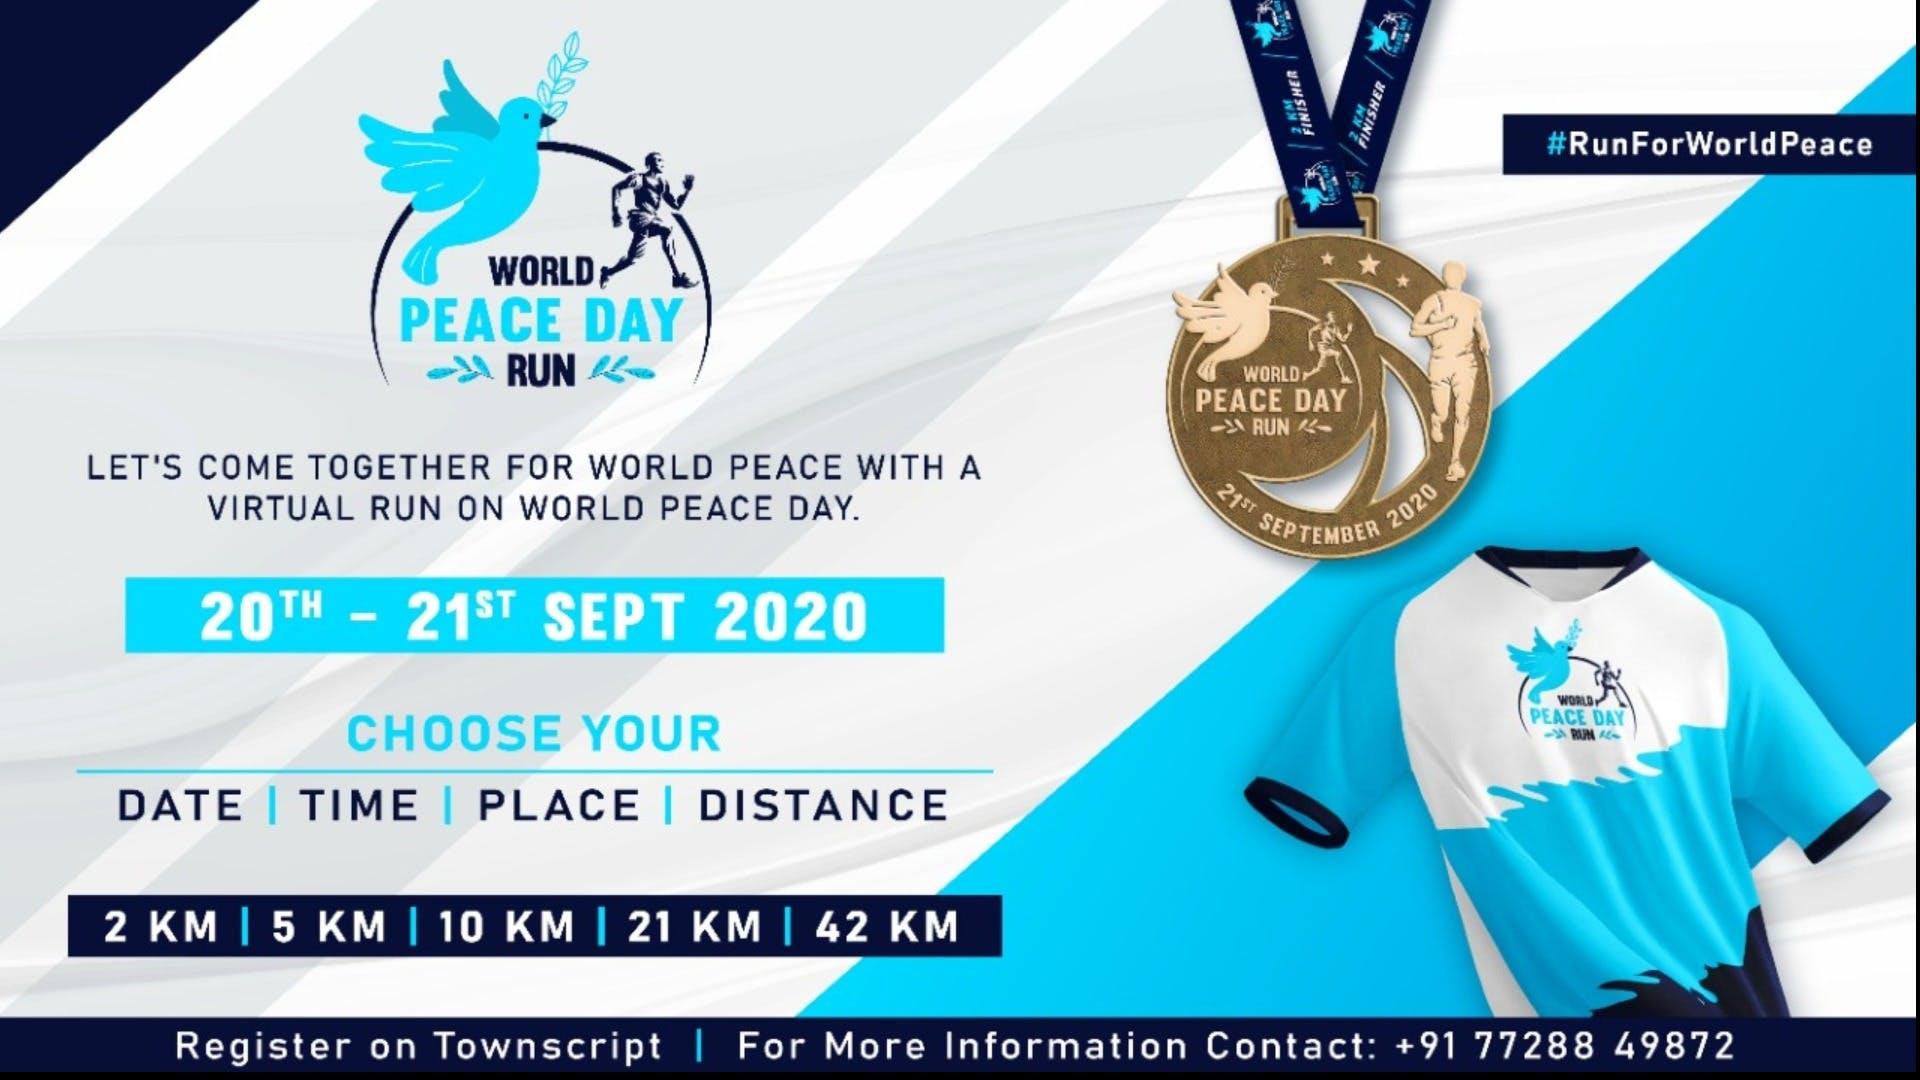 World Peace Day Run